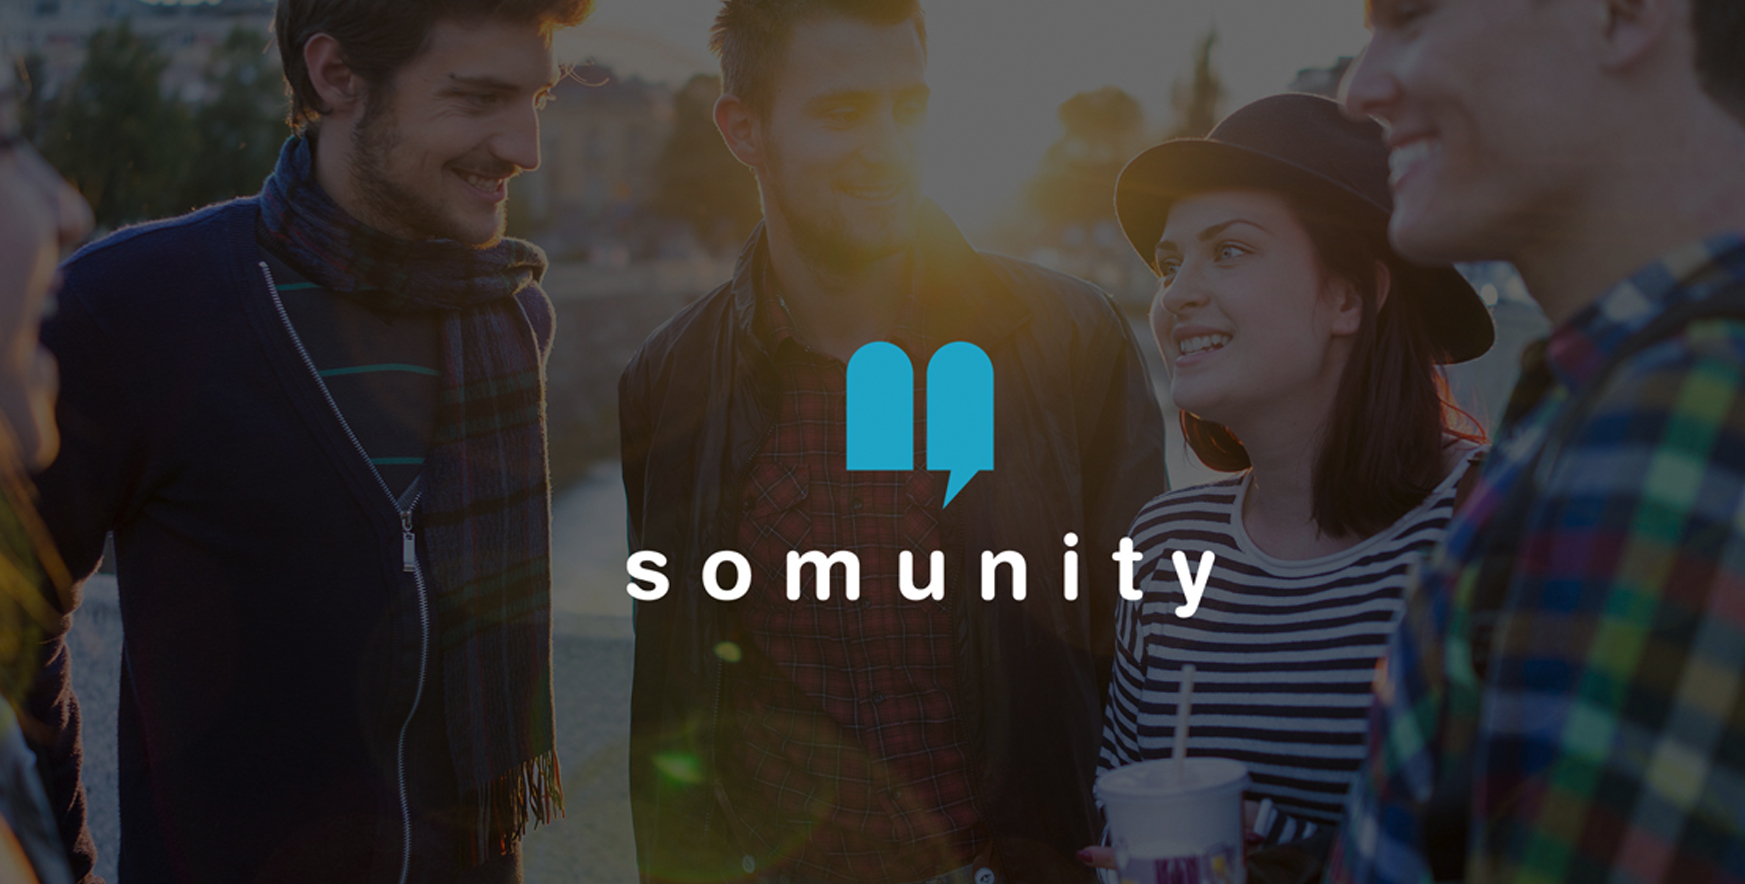 Bringing people together   Somunity